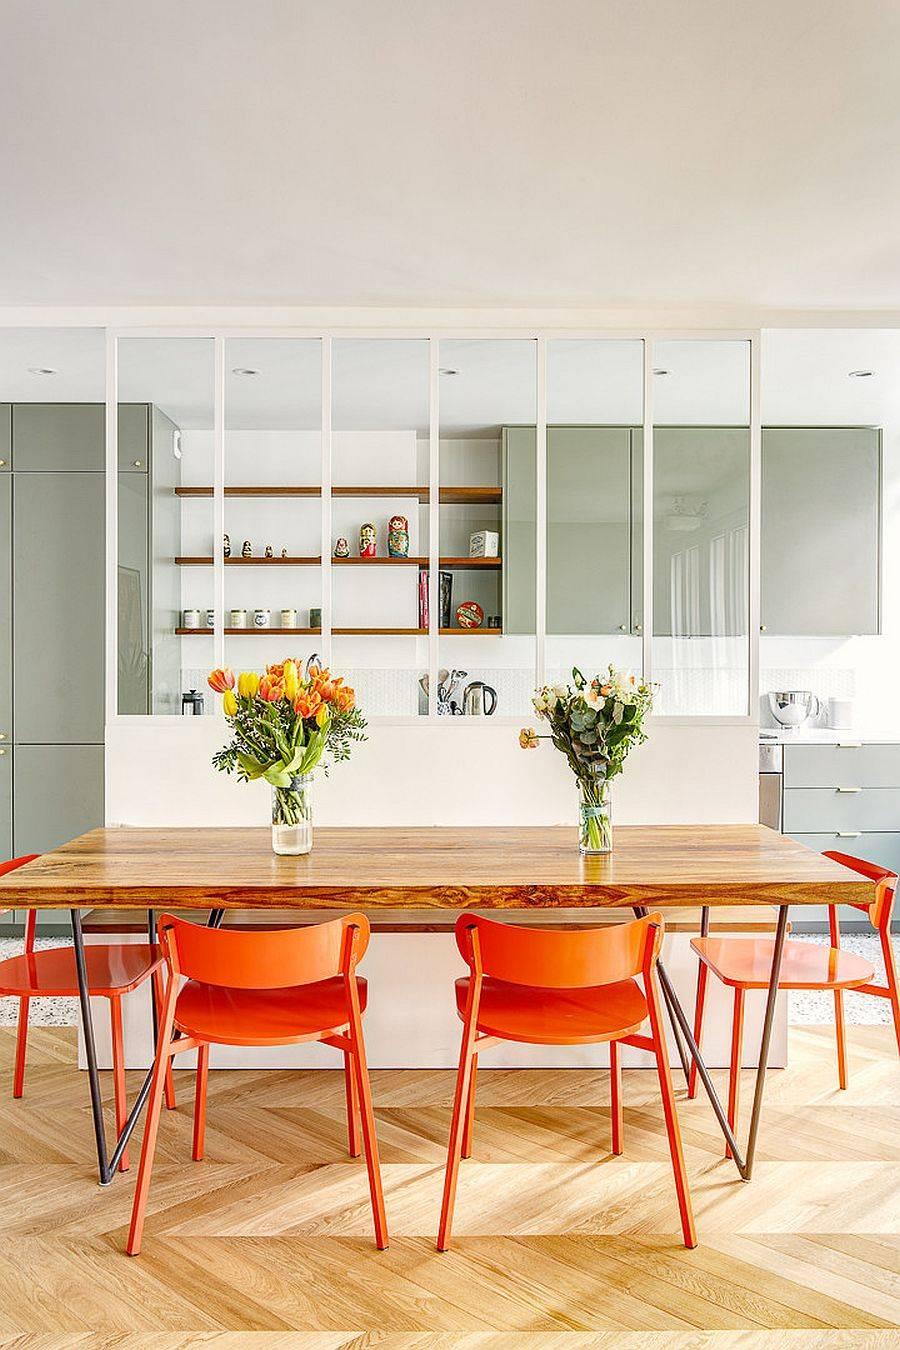 Vách ngăn sáng tạo giữa khu vực ăn uống và nhà bếp phân định không gian